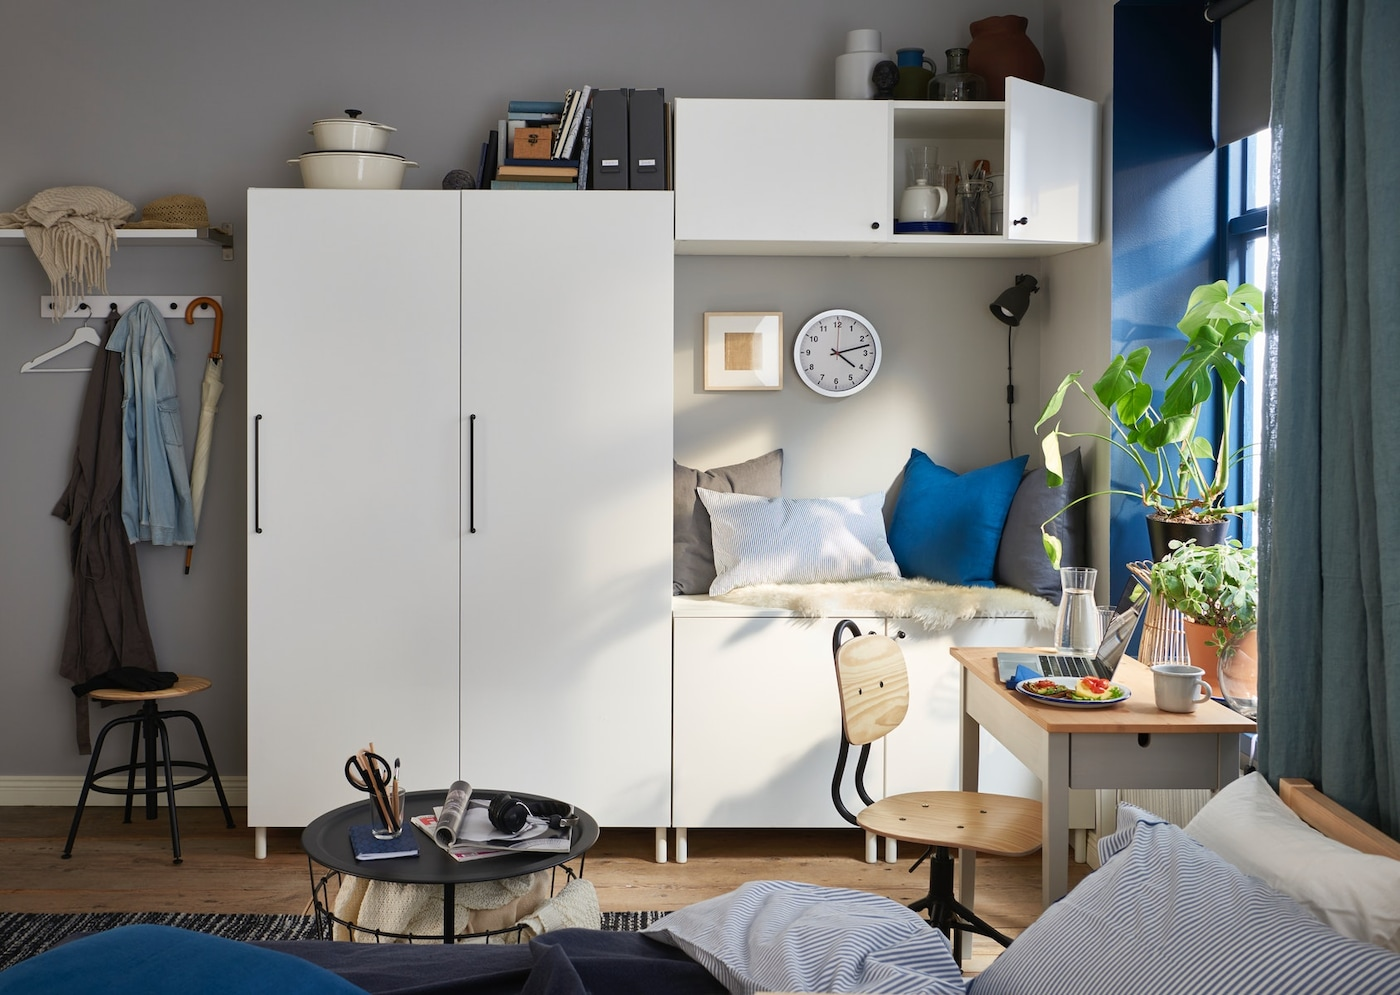 Weiße Schrankkombination von PLATSA in einem Jugendzimmer vor einer grauen Wand